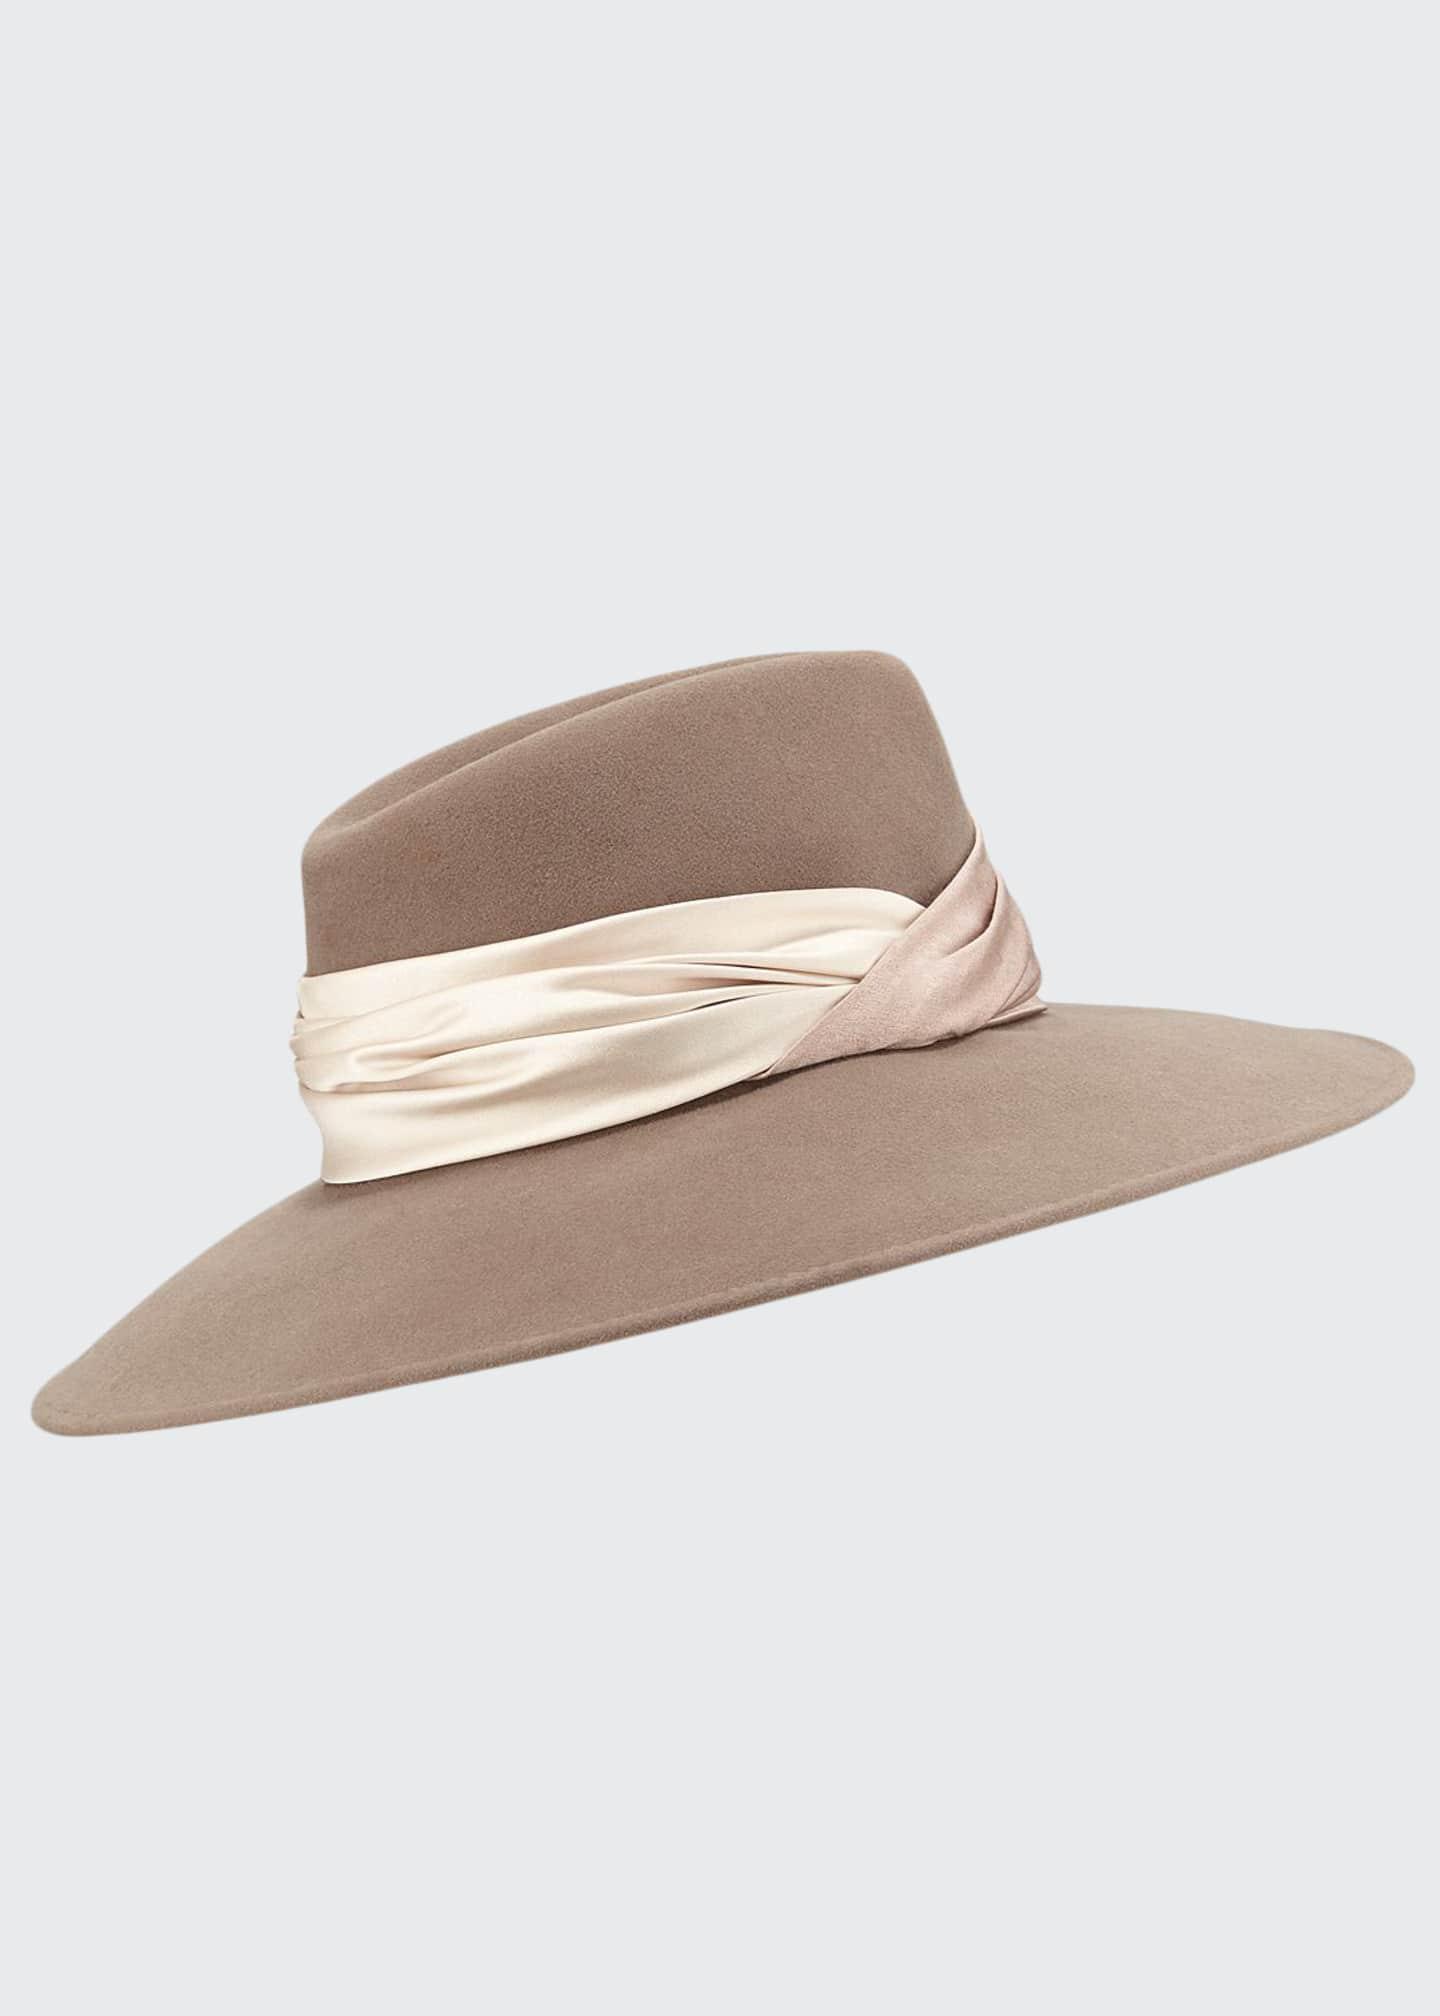 Eugenia Kim Emmanuelle Wool Fedora Hat